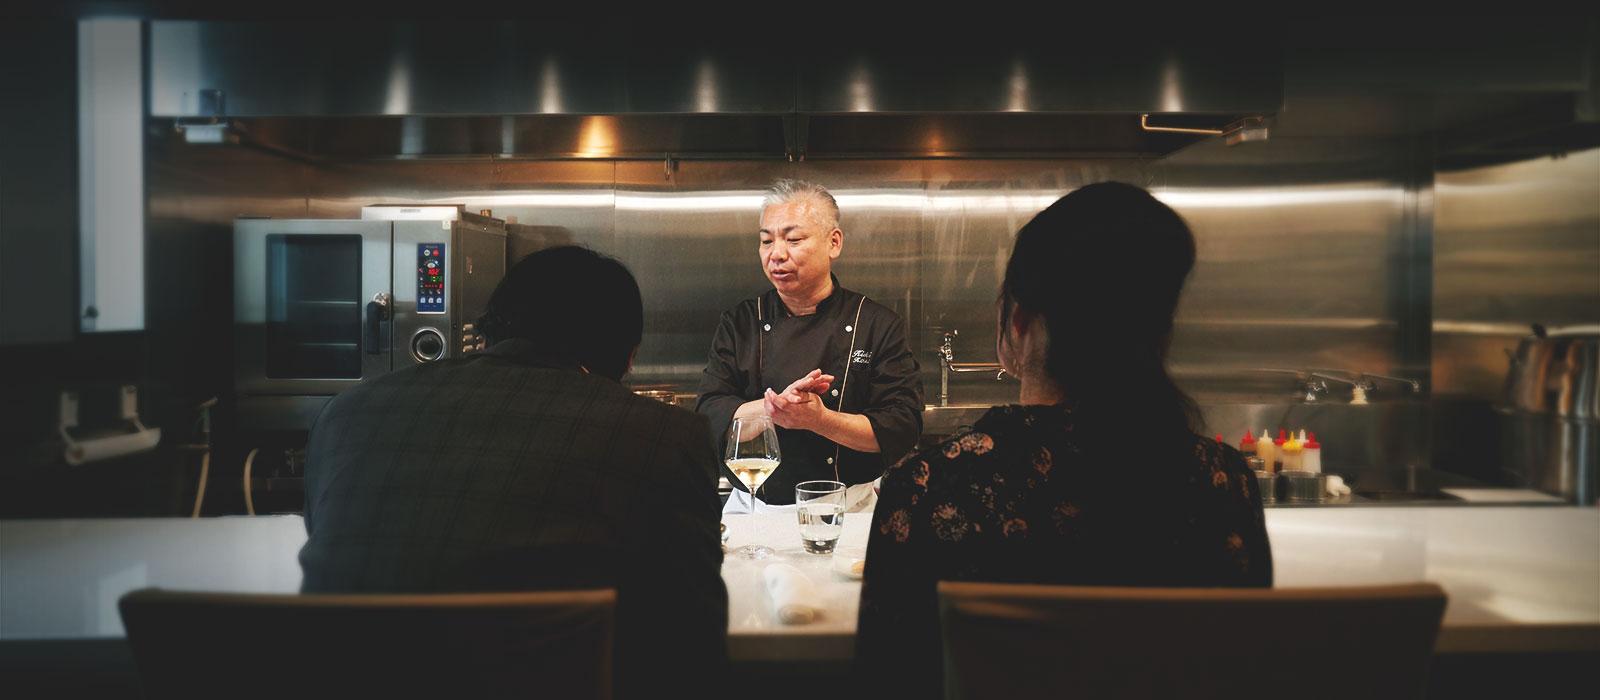 チャイニーズレストラン 欣喜 祖師ヶ谷大蔵